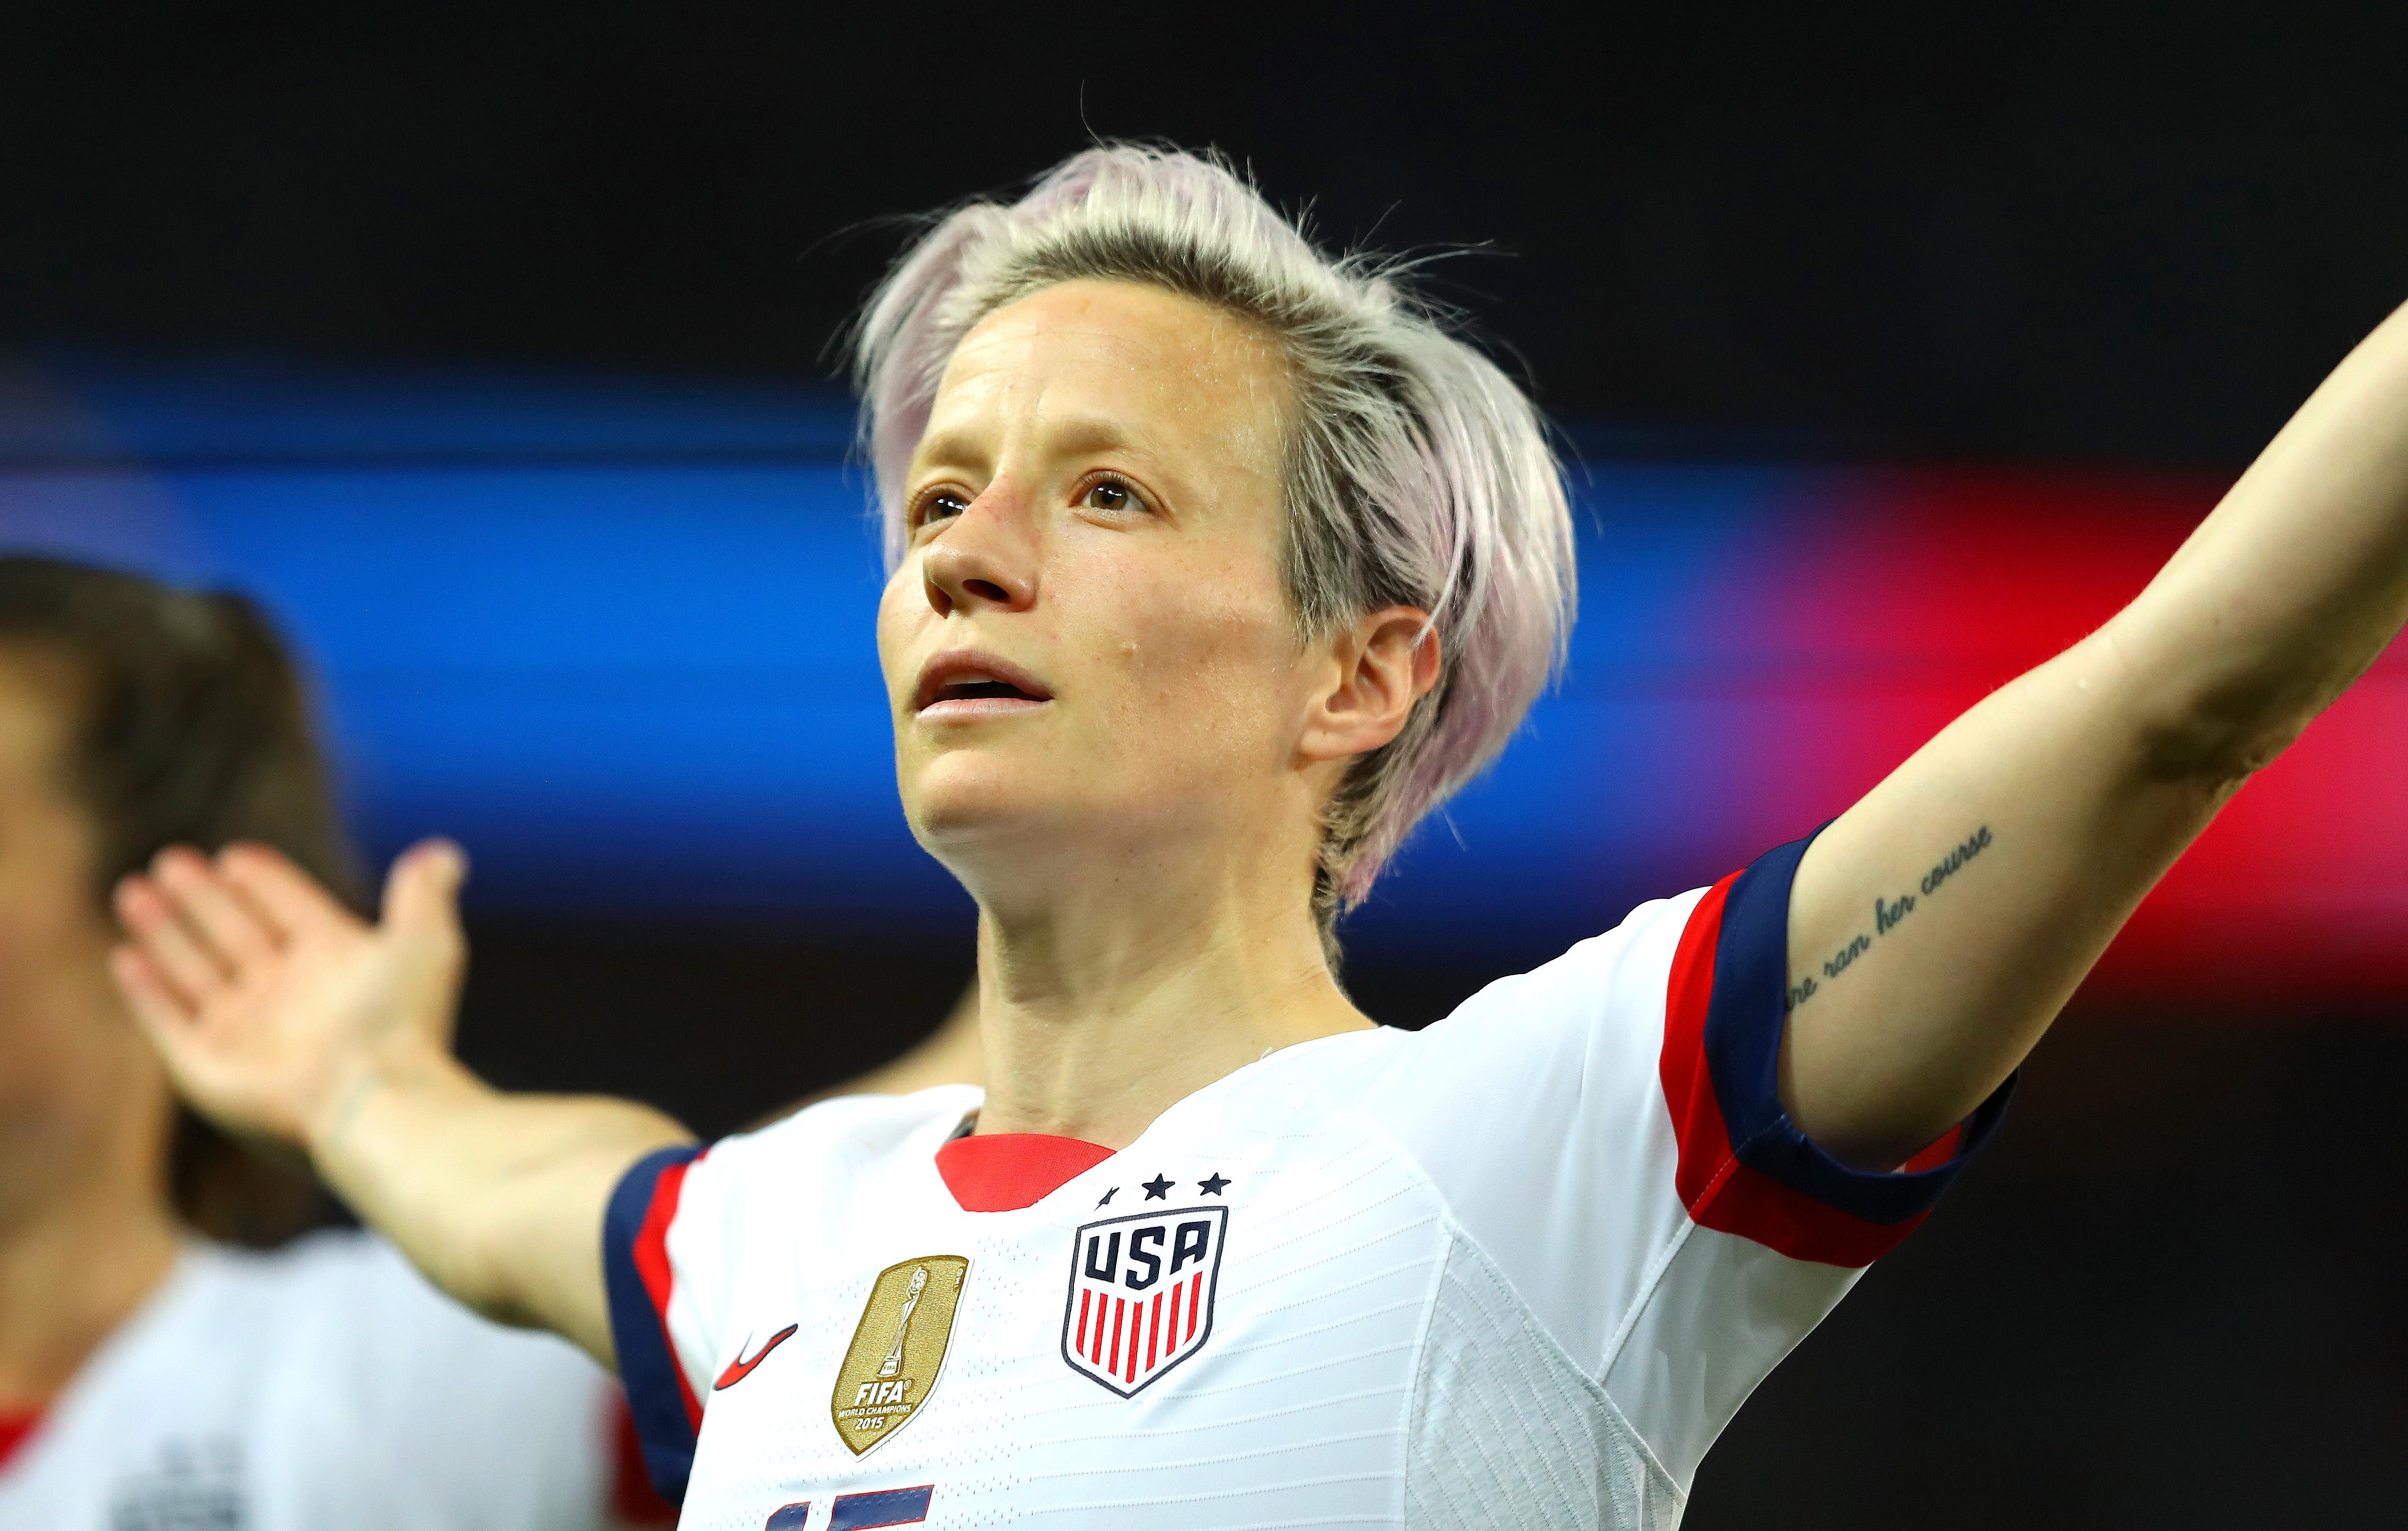 法国法国:法国的新冠军……20岁的美国女性